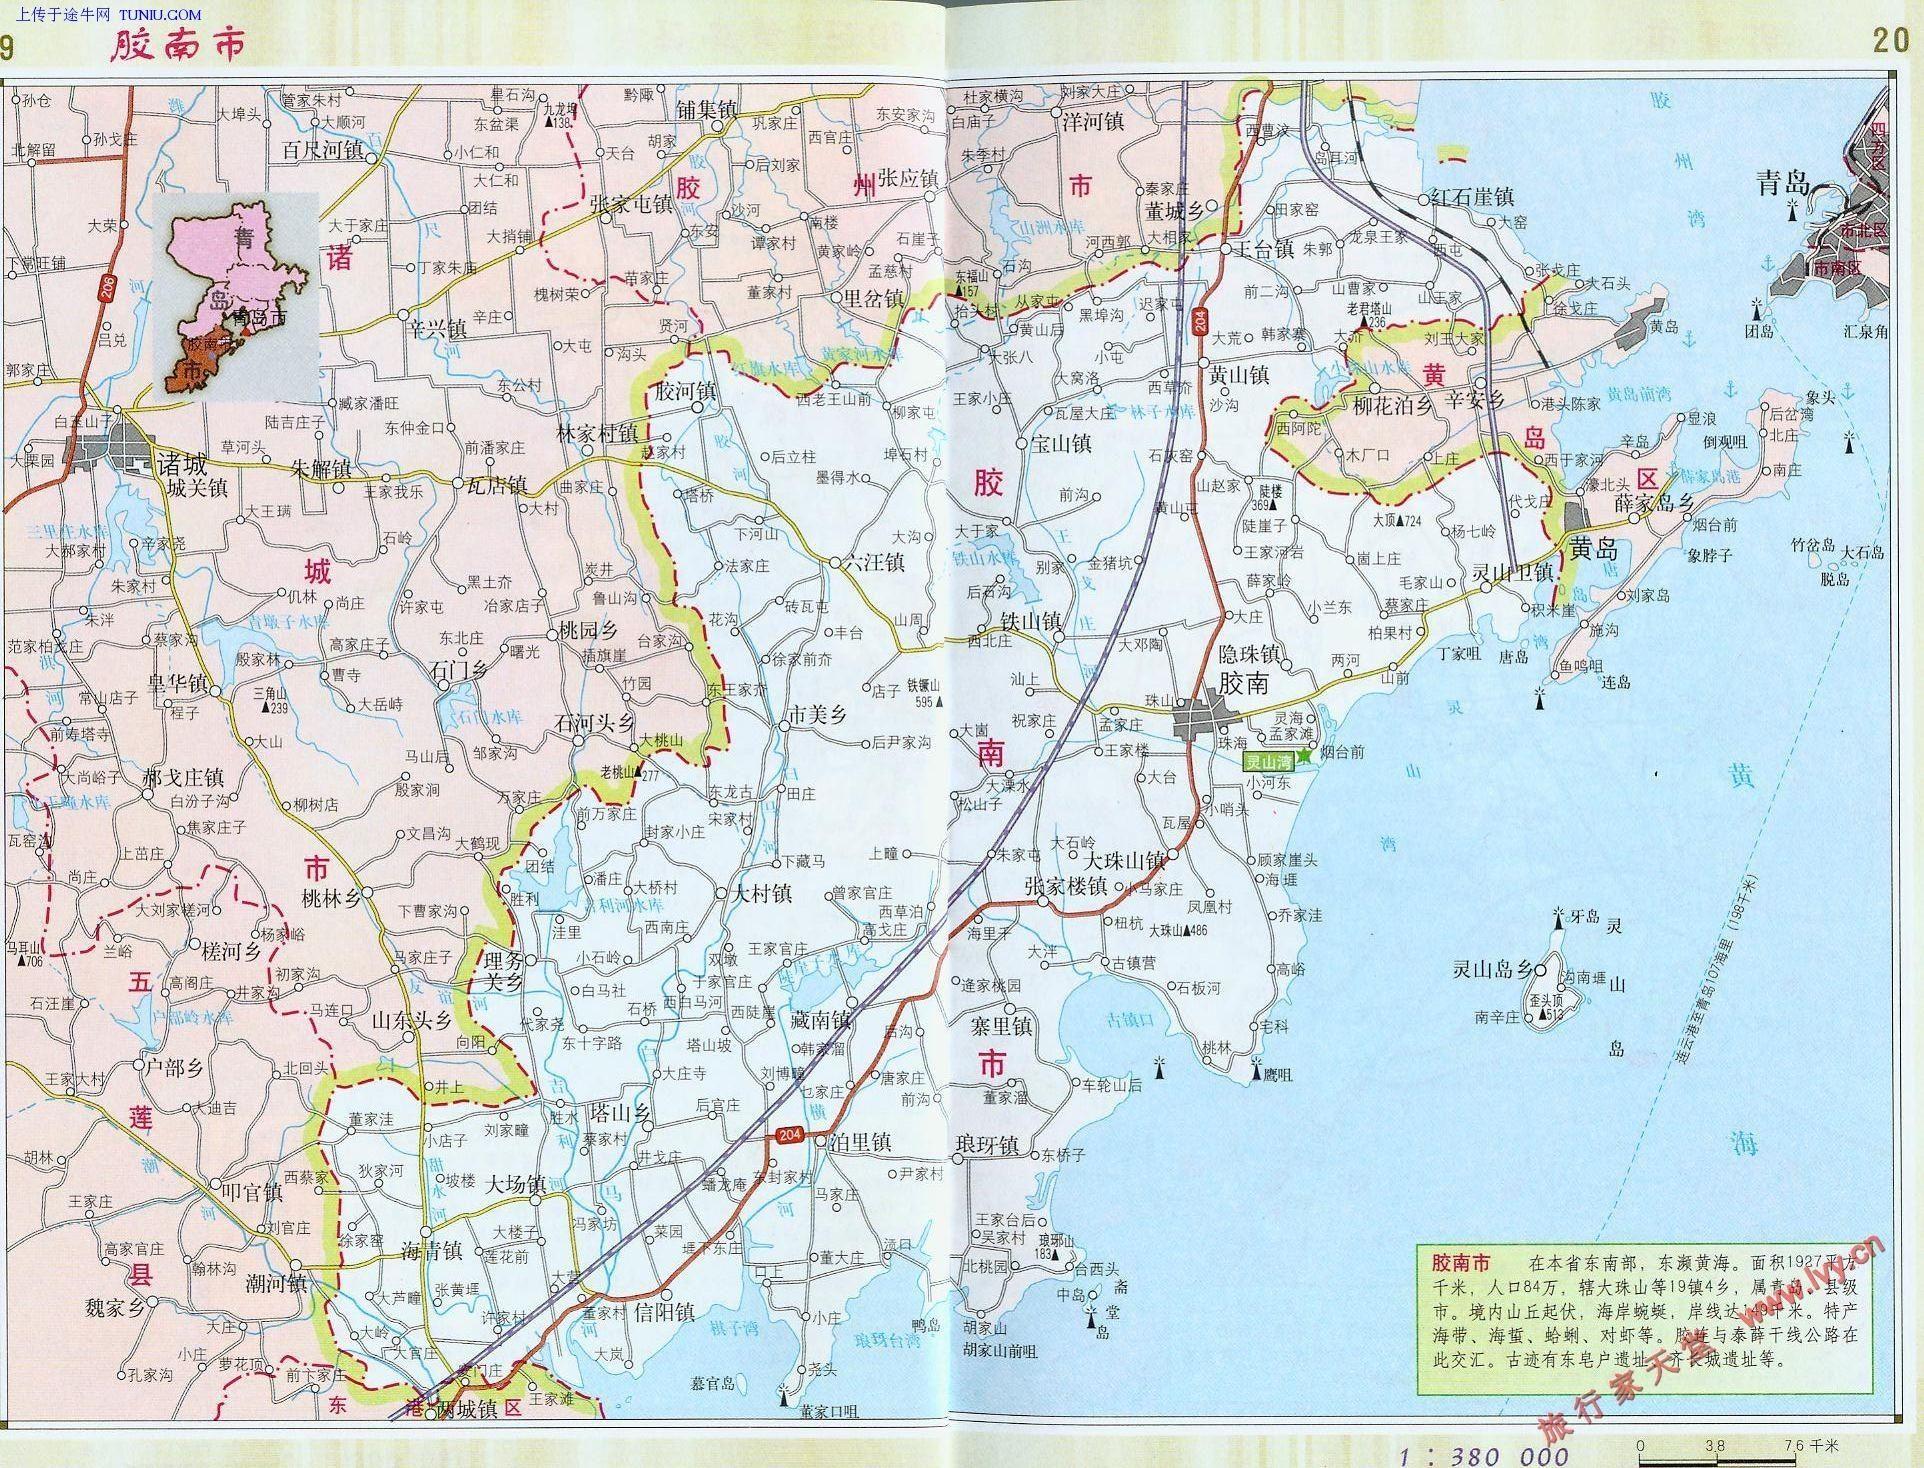 【胶南地图】胶南旅游地图